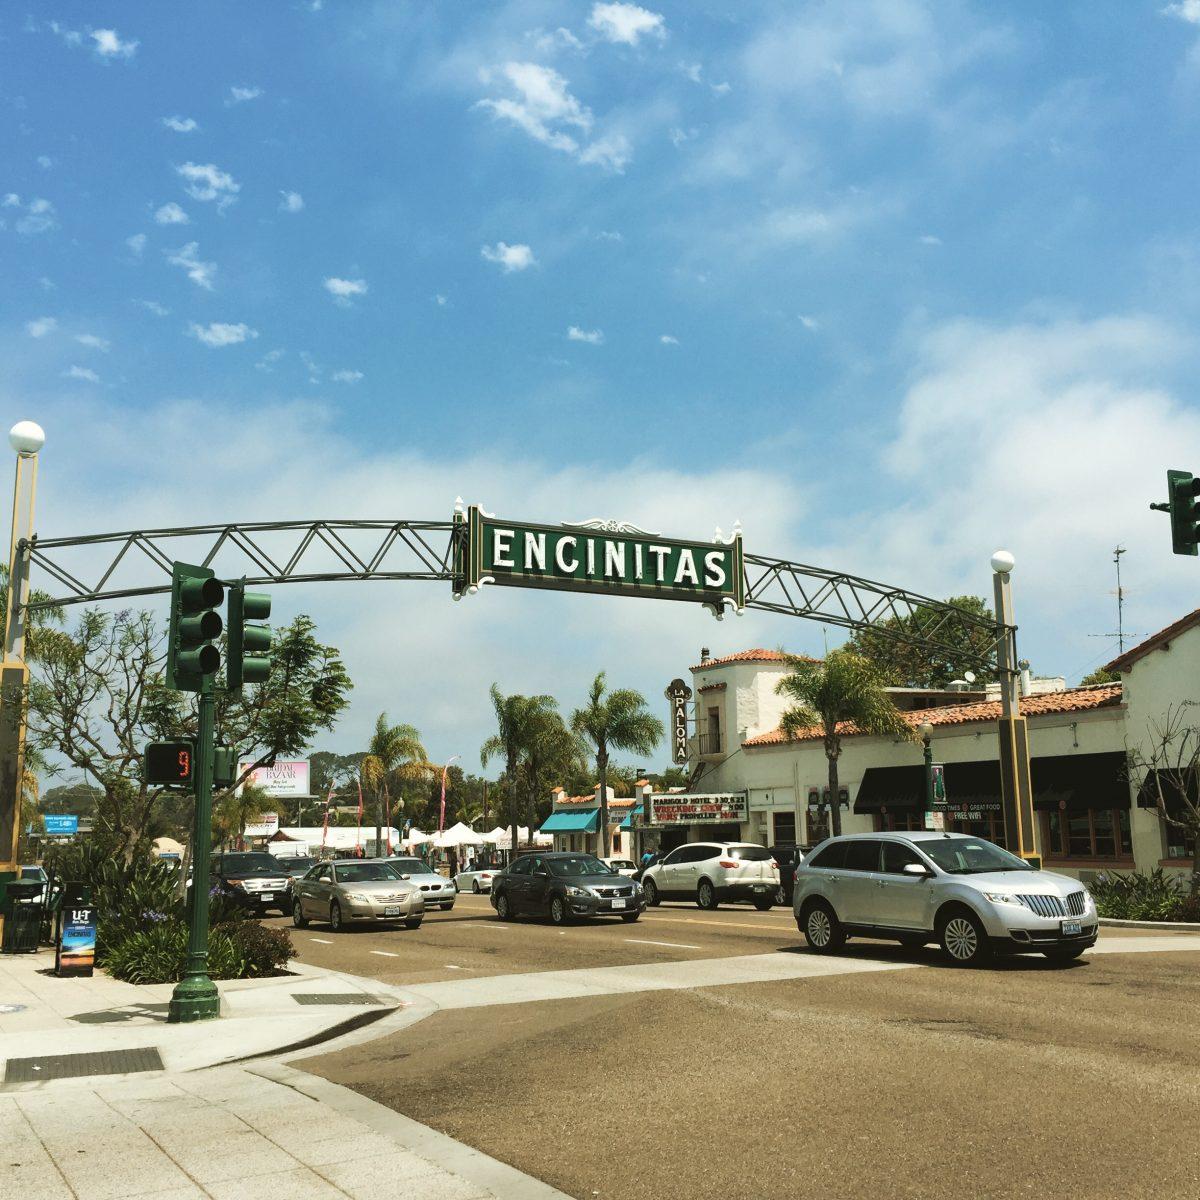 Encinitas, CA